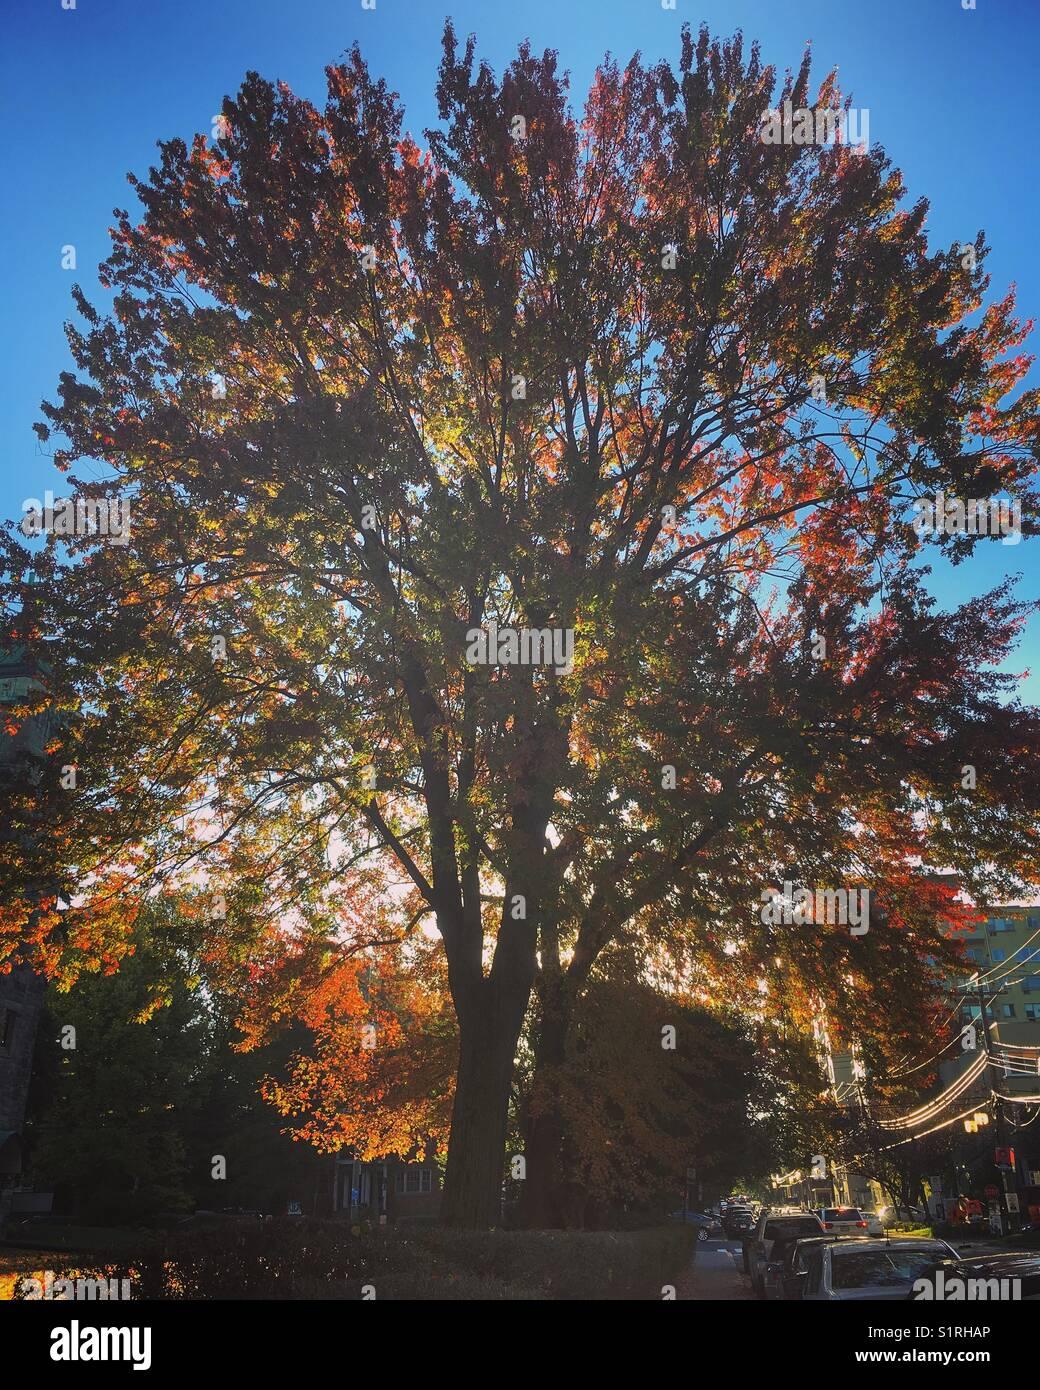 Arbre majestueux à l'automne Photo Stock